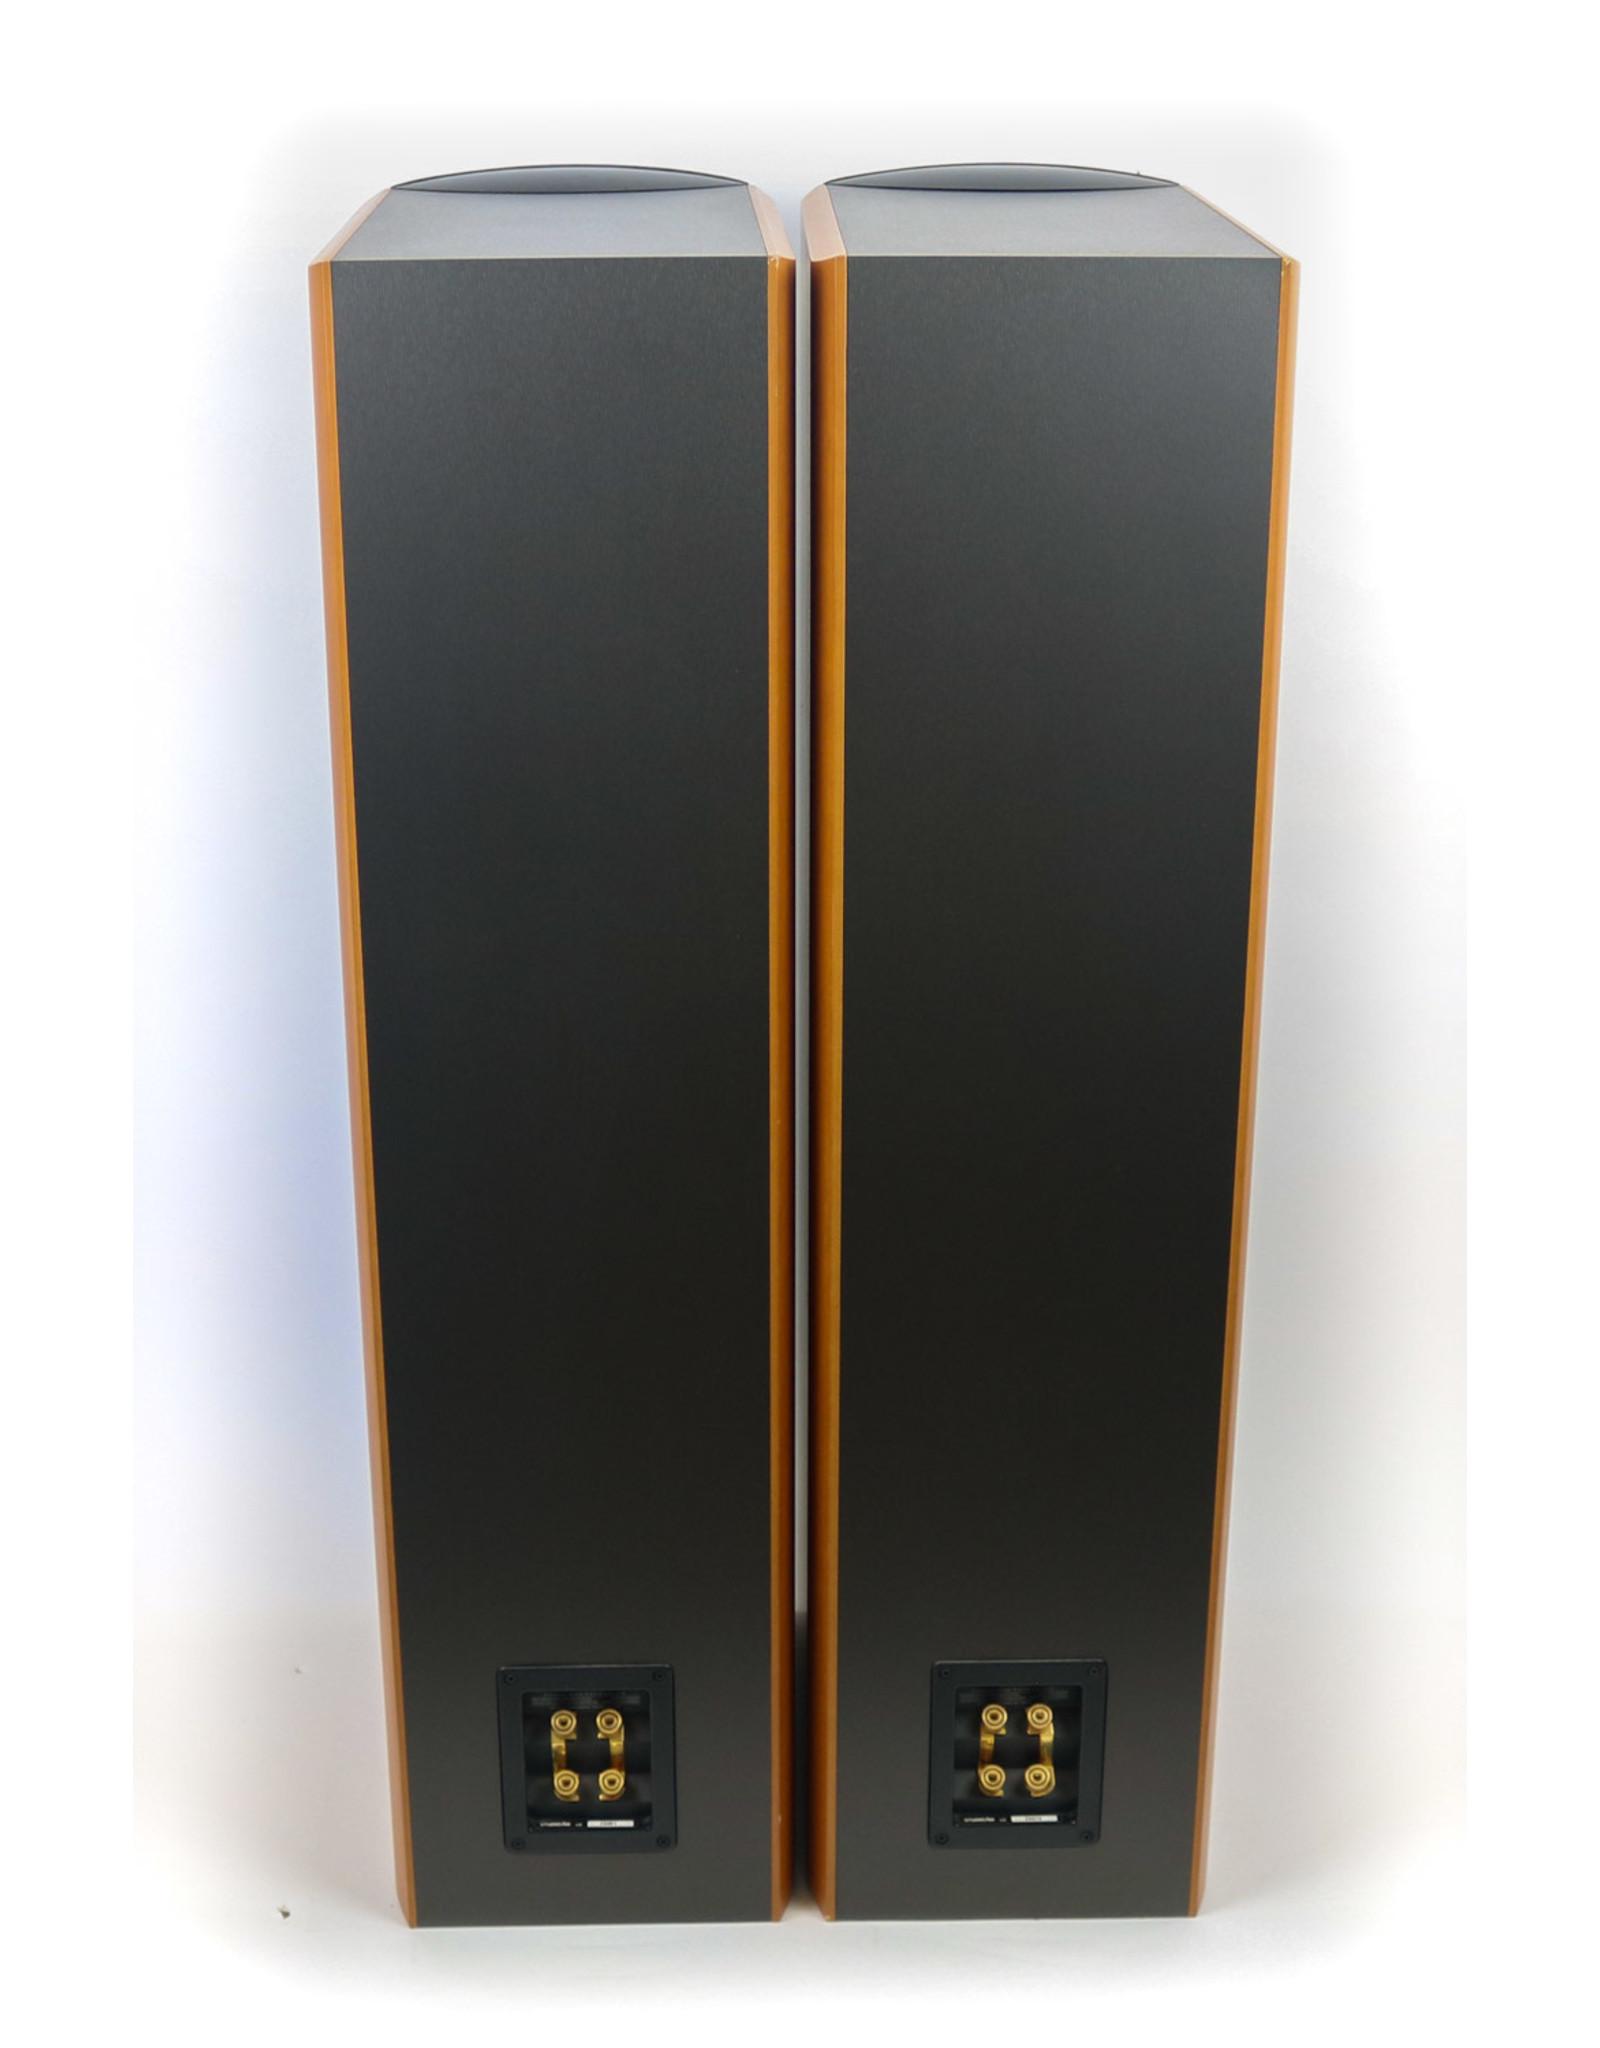 Paradigm Paradigm Studio 60v2 Floorstanding Speakers USED